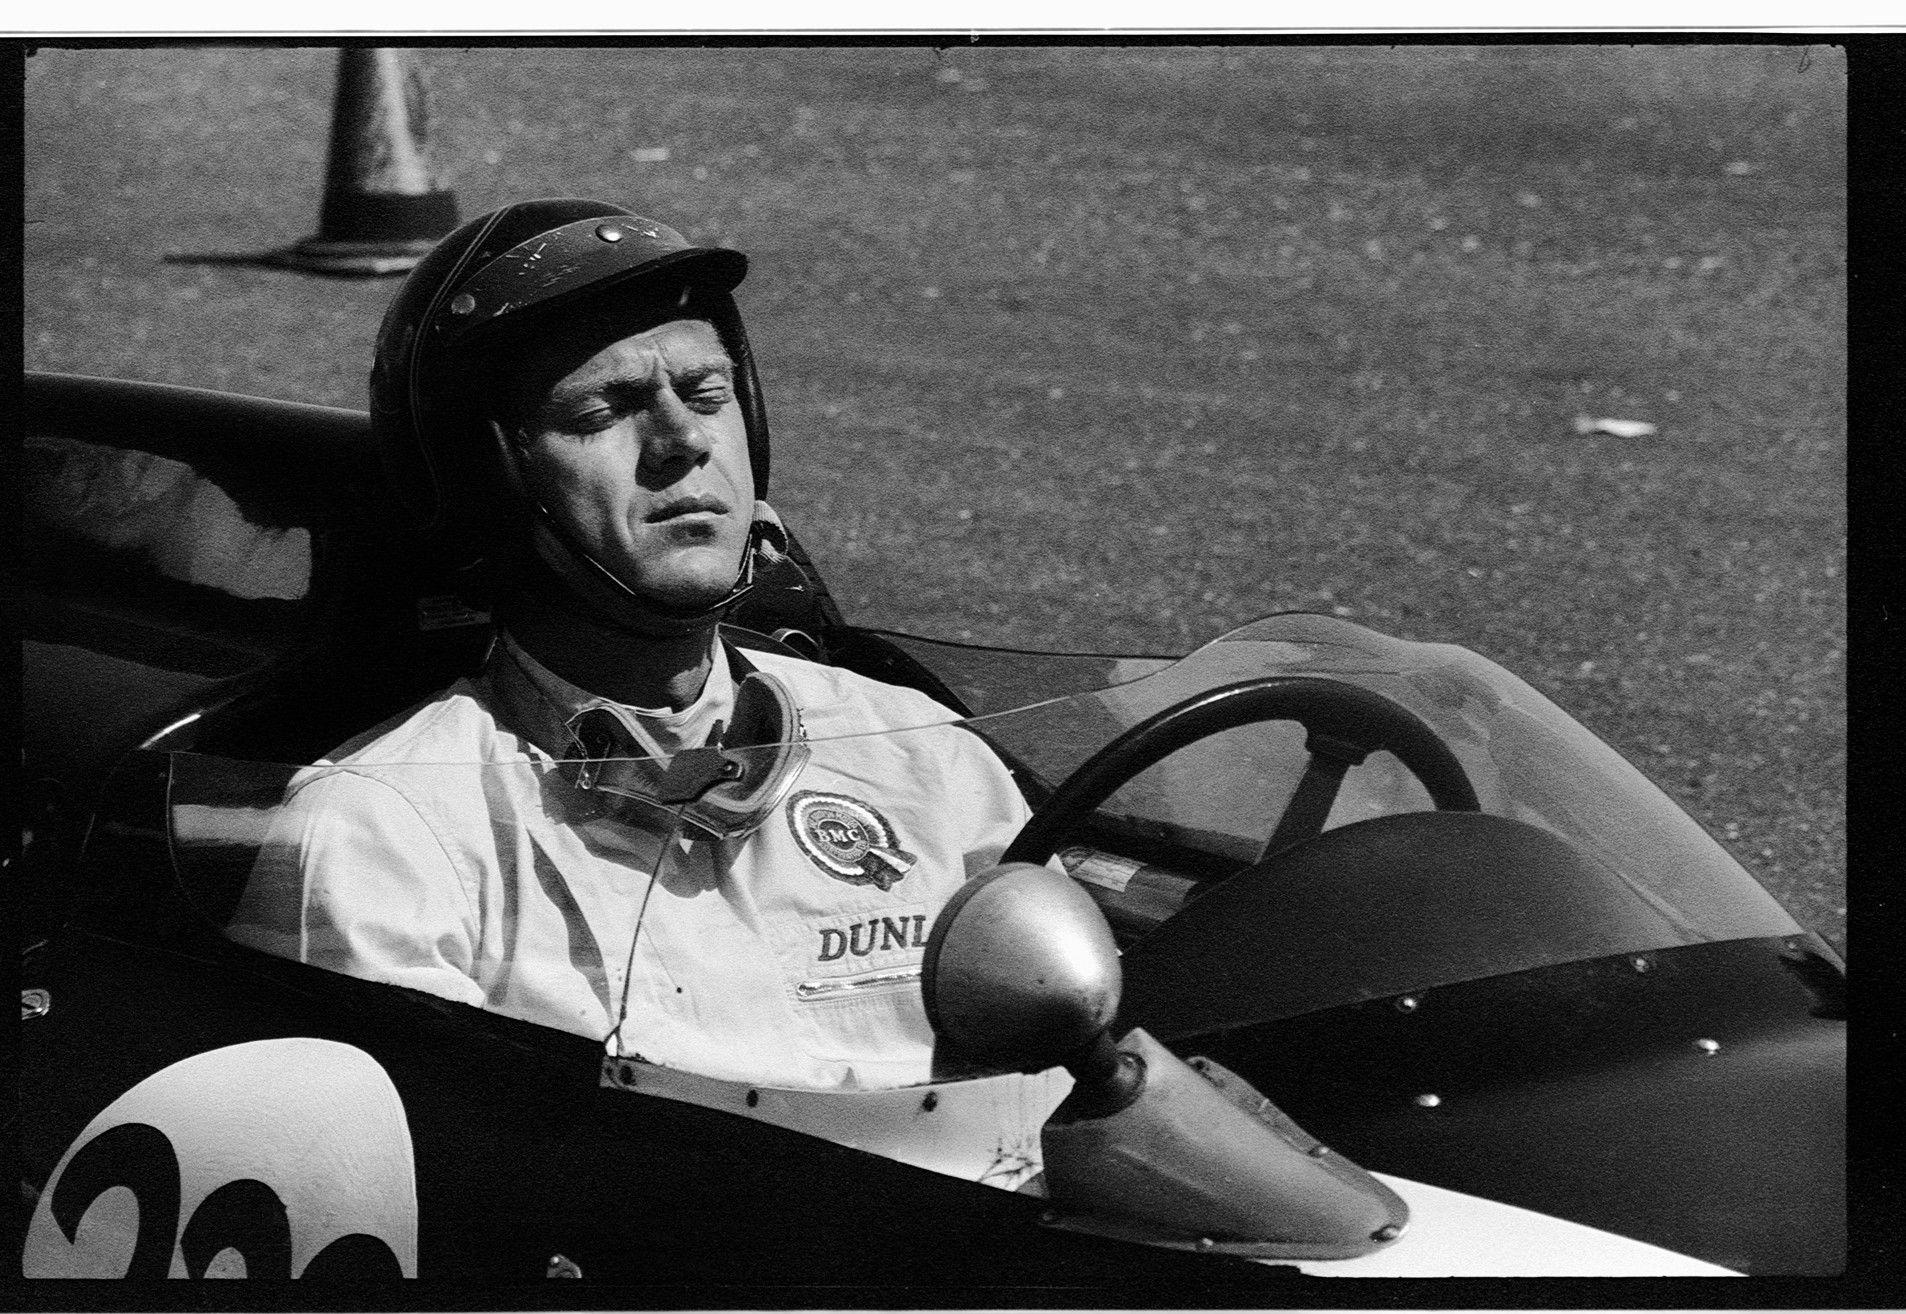 Steve McQueen | In Racing